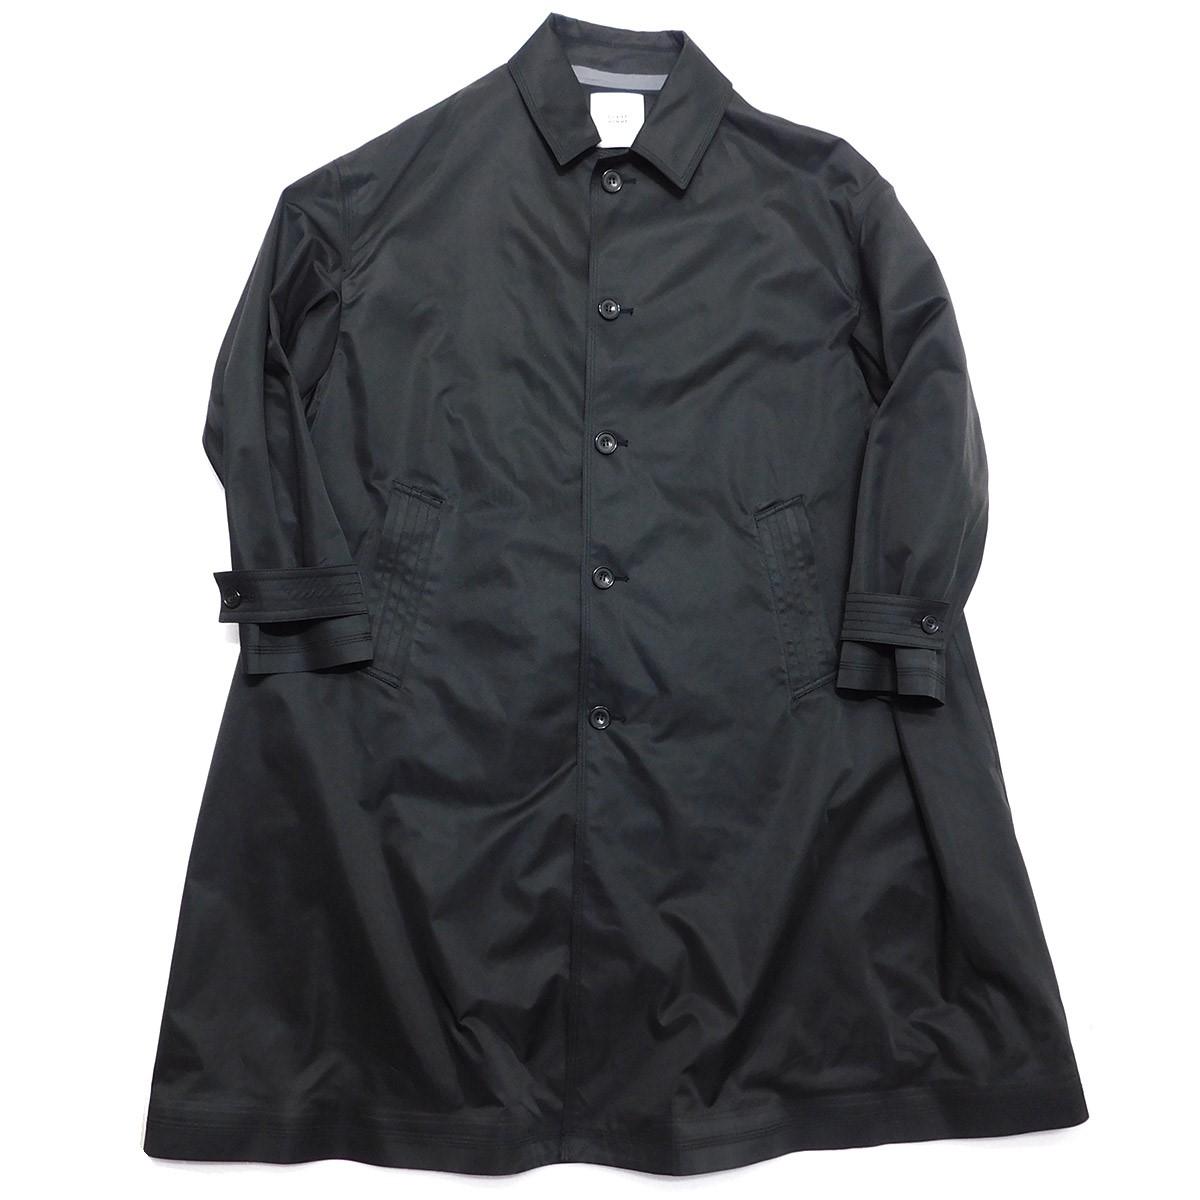 【中古】CLANE HOMME BAL COLLAR OVER SIZE COAT バルカラーオーバーサイズコート ブラック サイズ:1 【230320】(クラネオム)